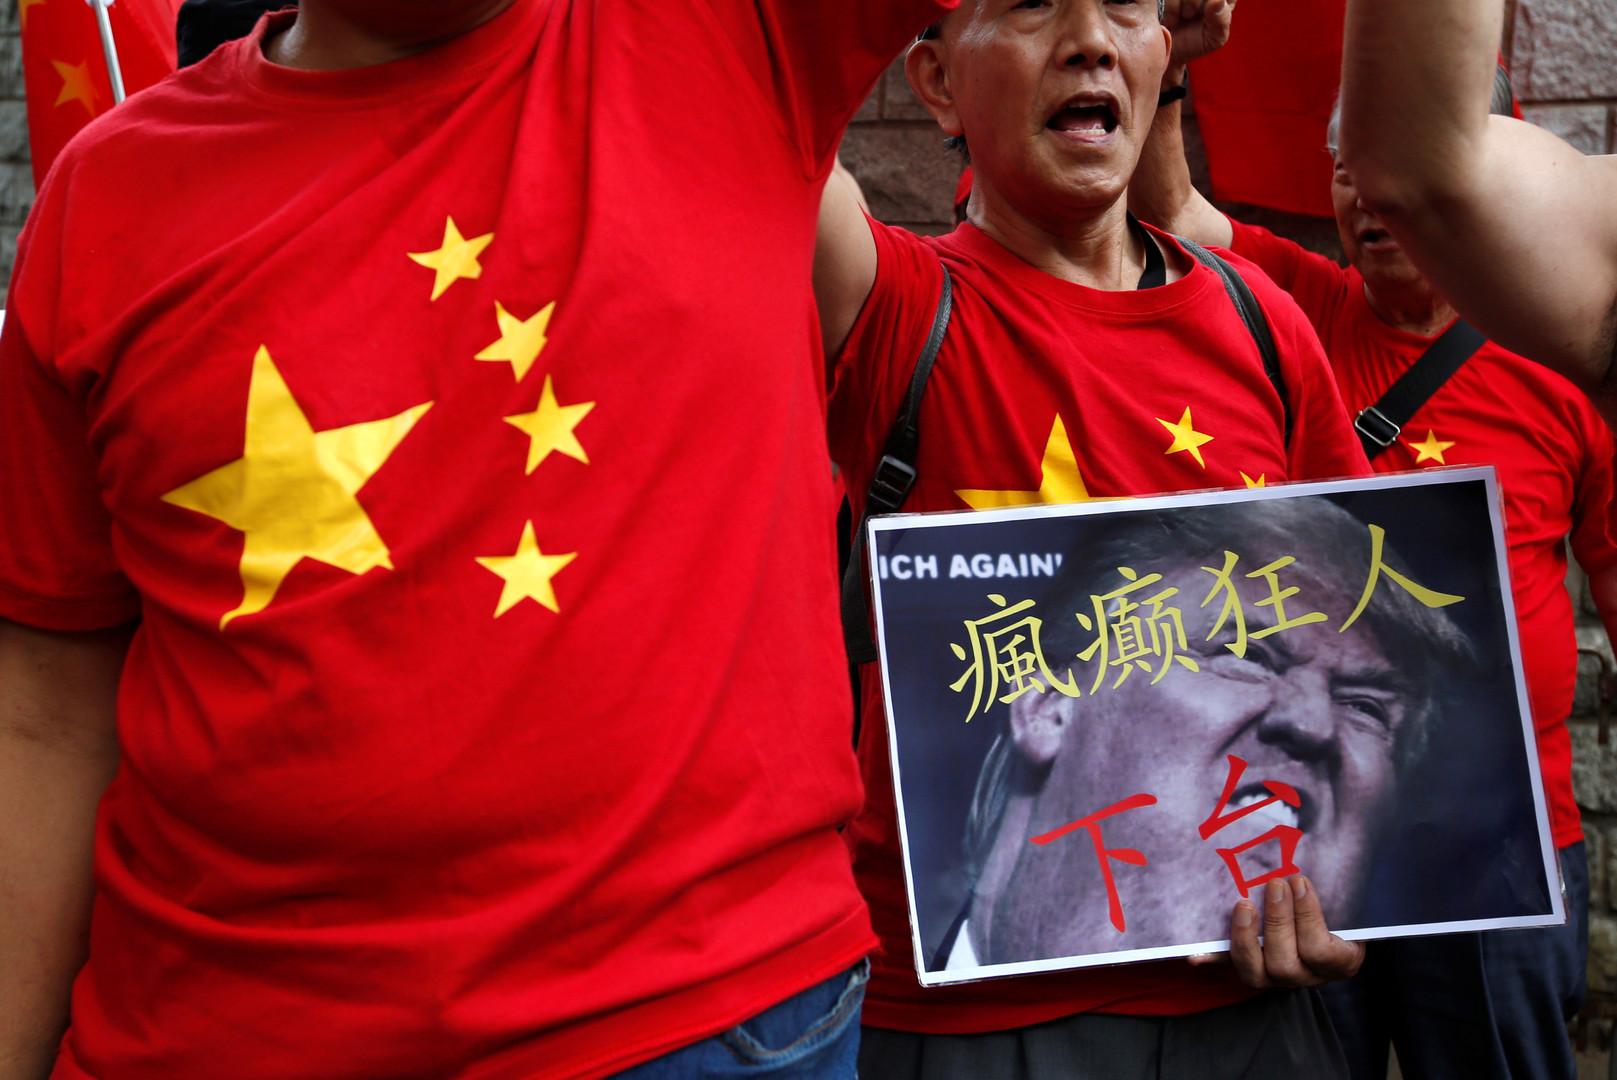 الصين توجه ضربة موجعة لصناعة الغاز الأمريكية!